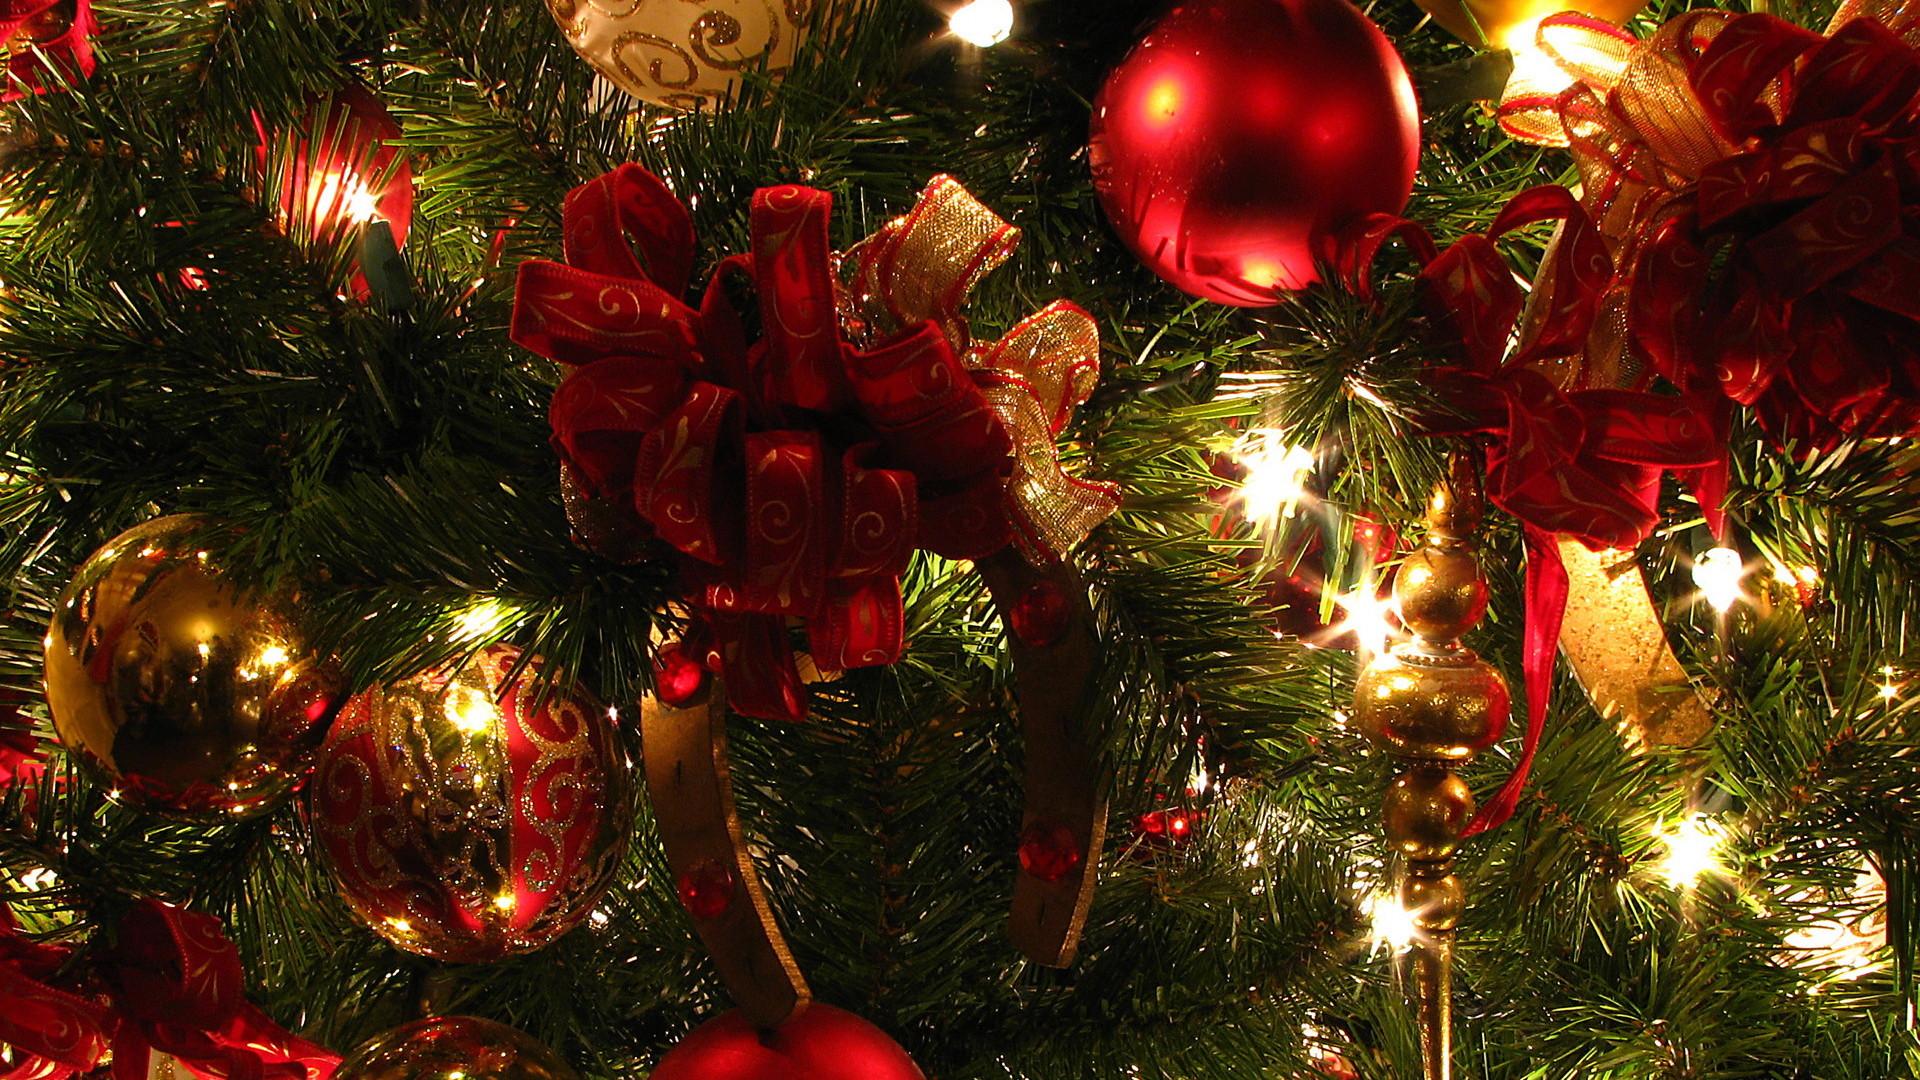 Hd Christmas Wallpapers 1080p